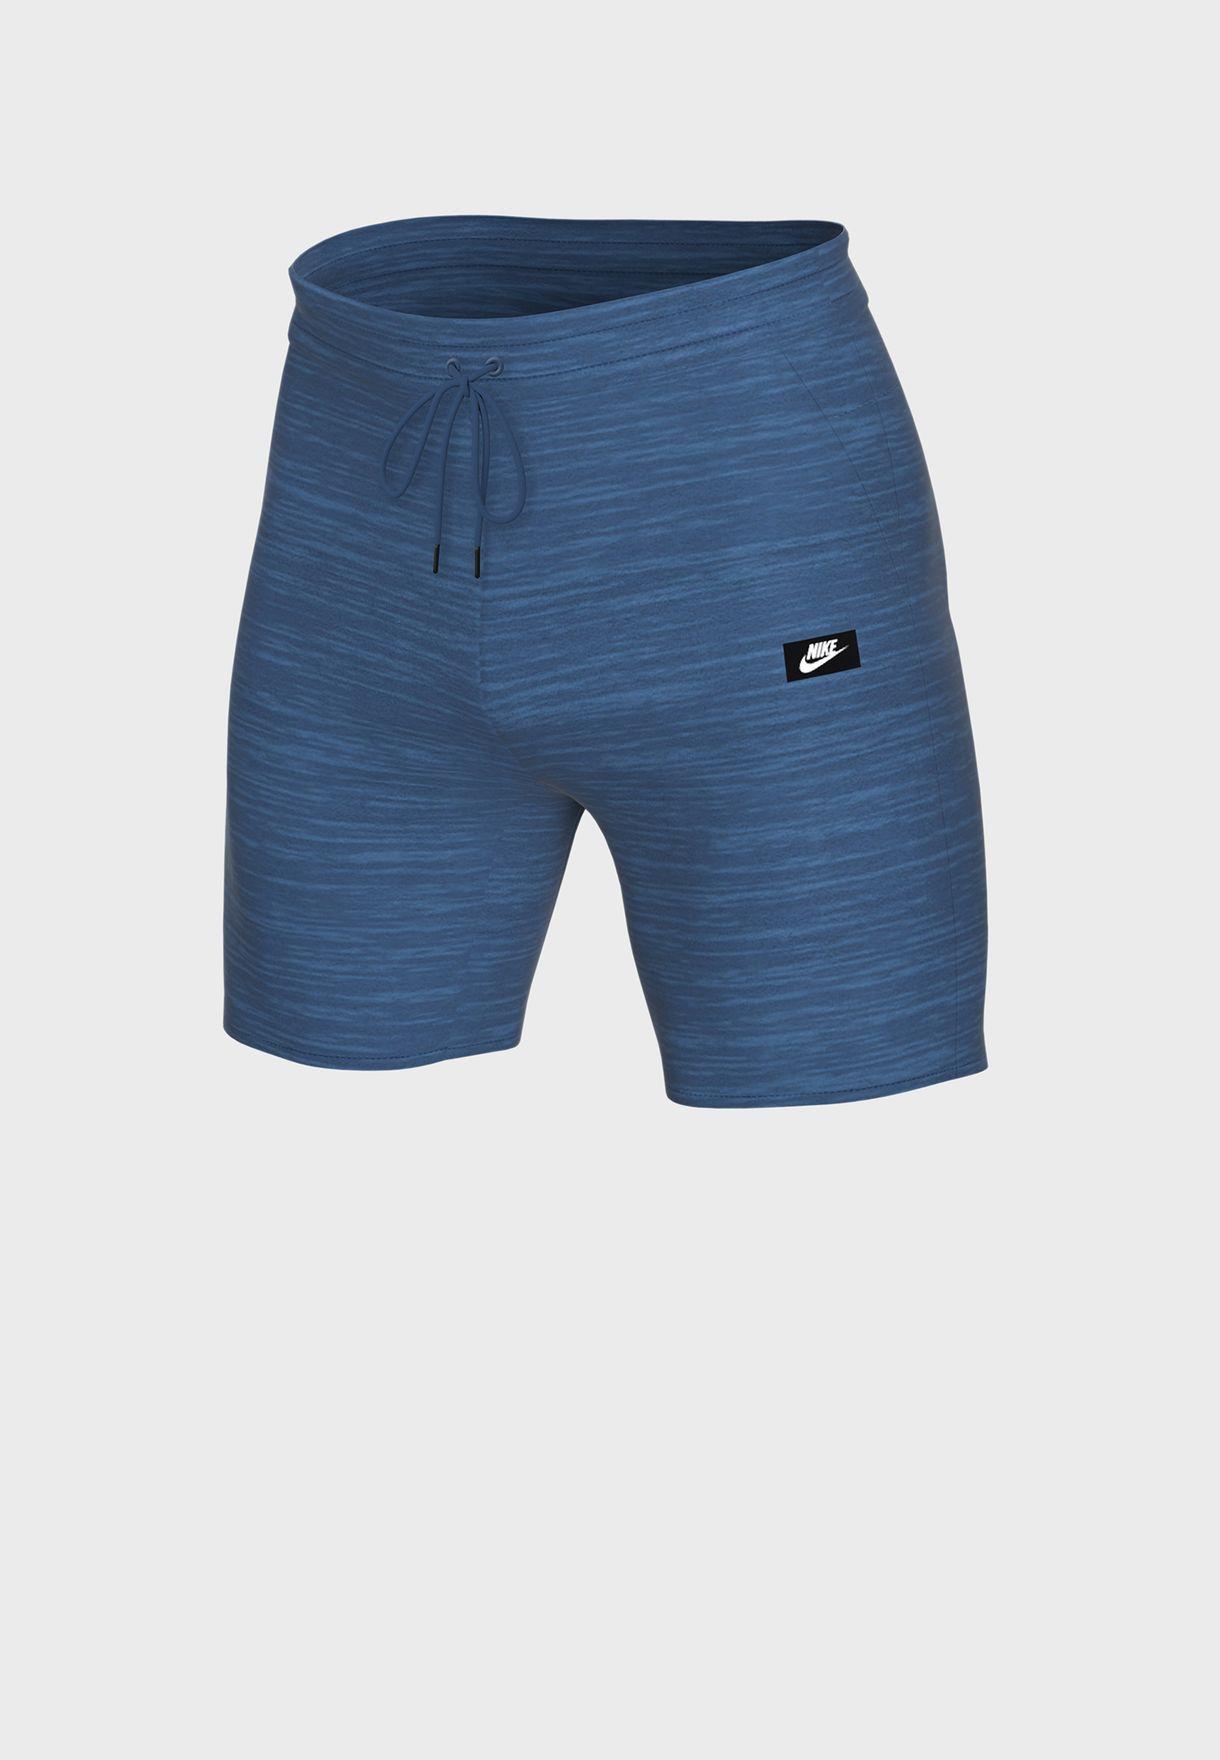 Nsw Optic Shorts